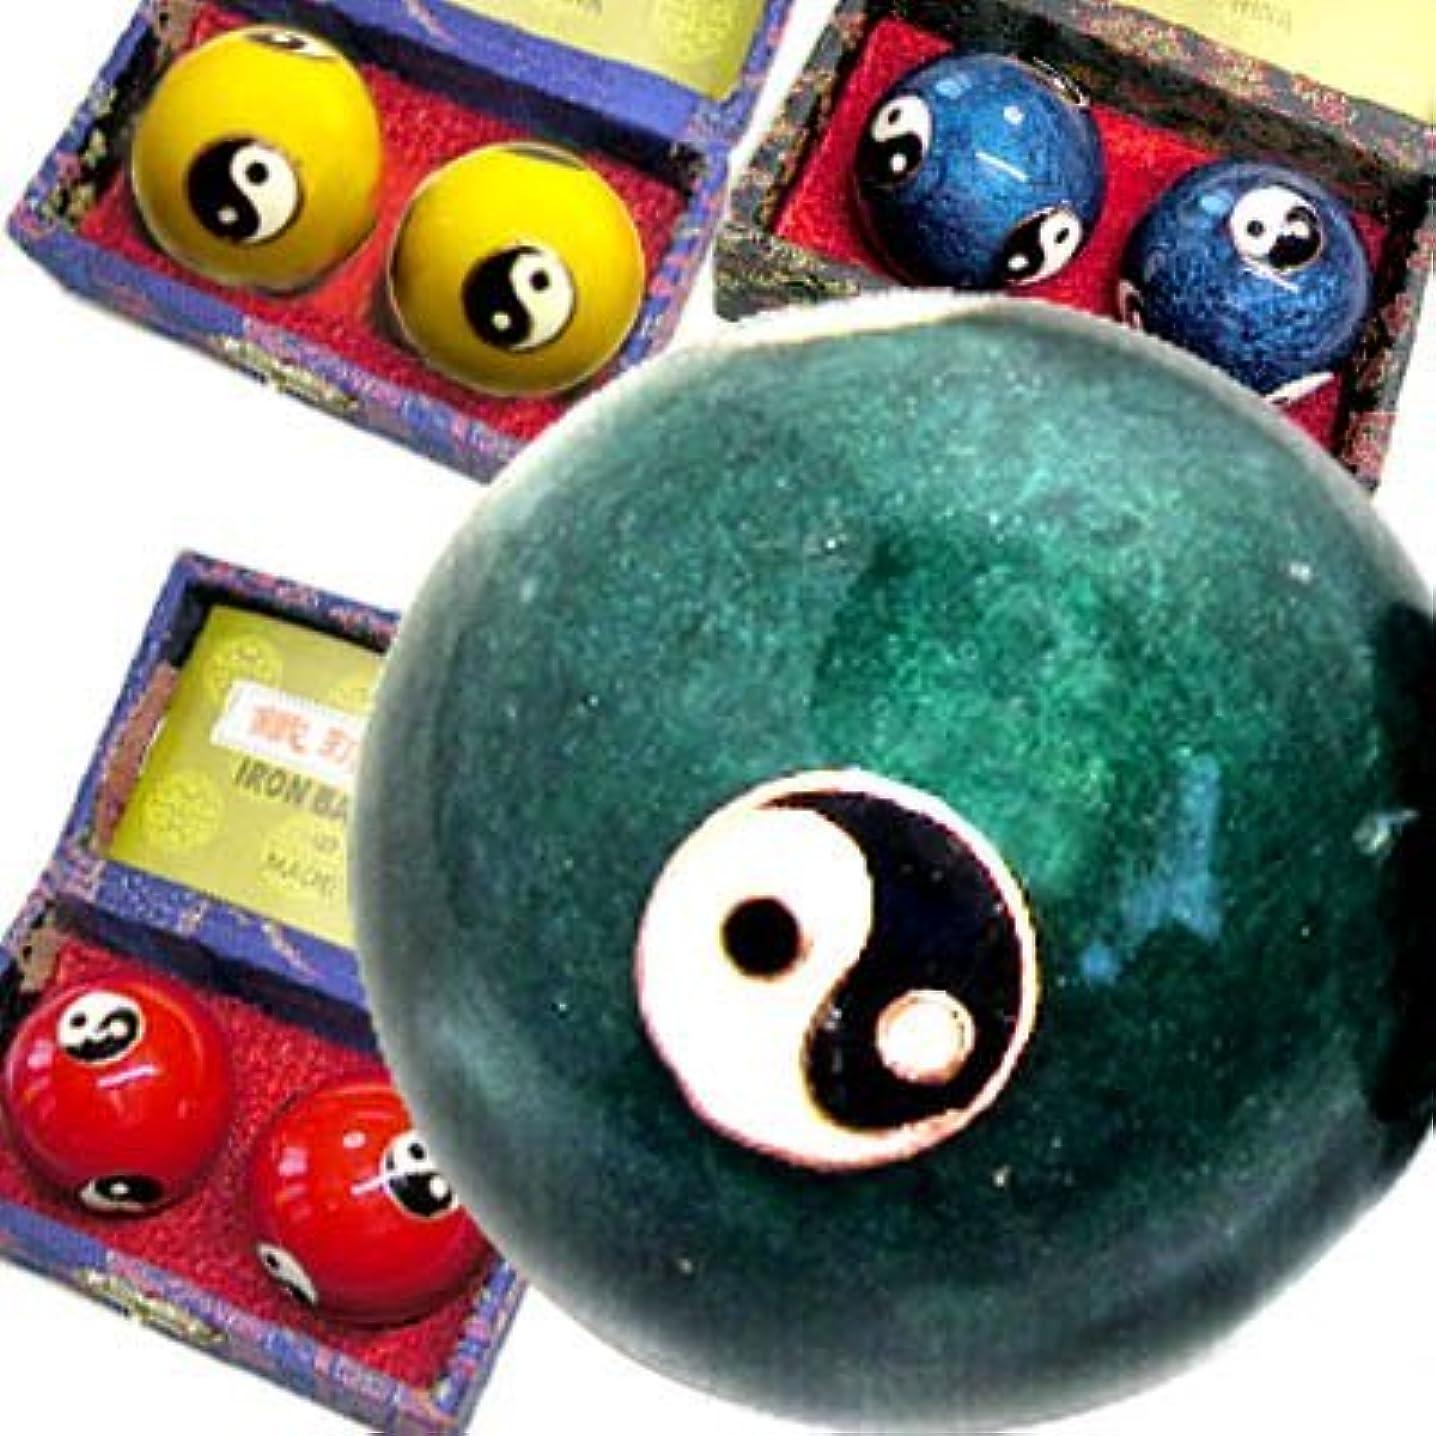 低下弾力性のあるくちばし健康に インヤン景泰藍(ちんたいらん) 健身球【中国工芸?健康グッズ】 rouishin0219 黄色